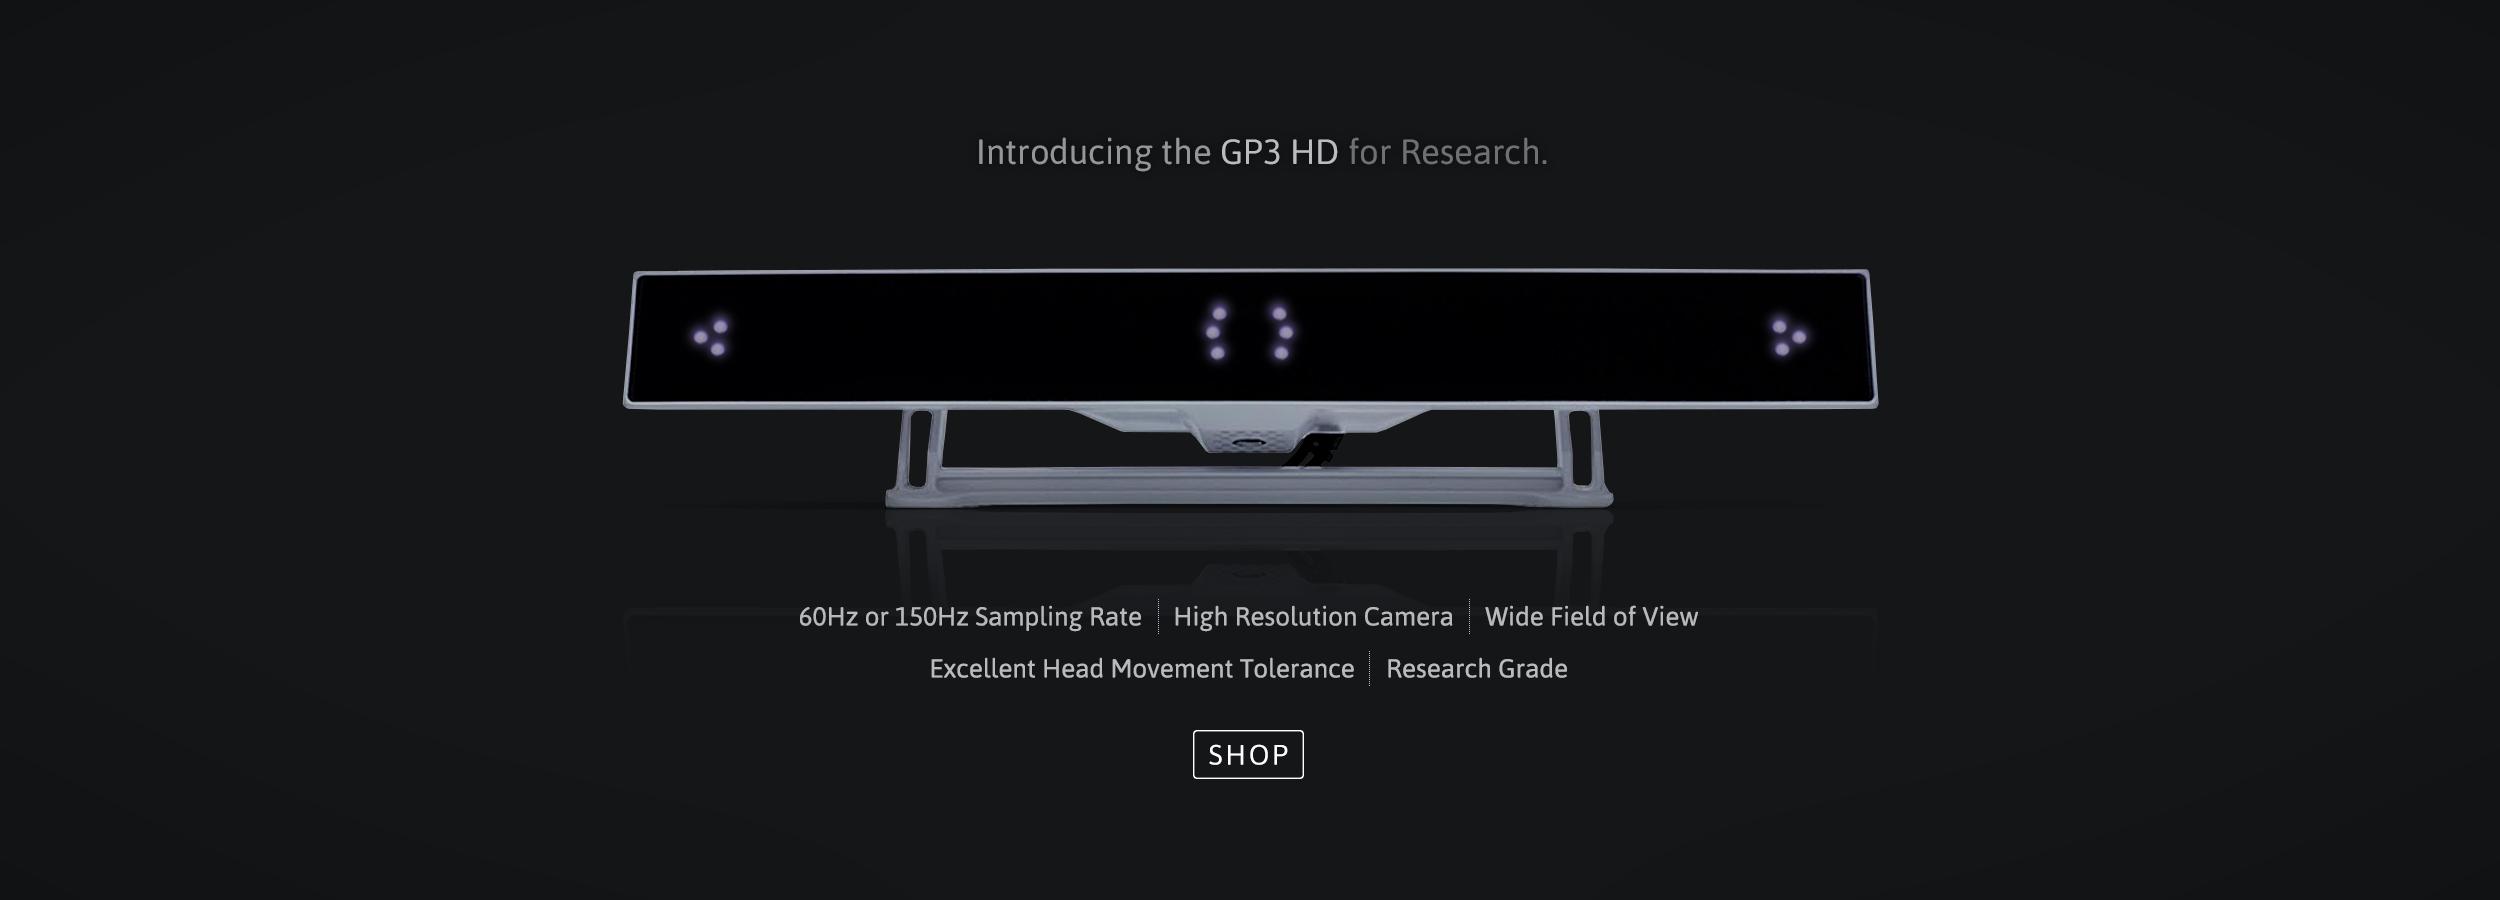 GP3 HD